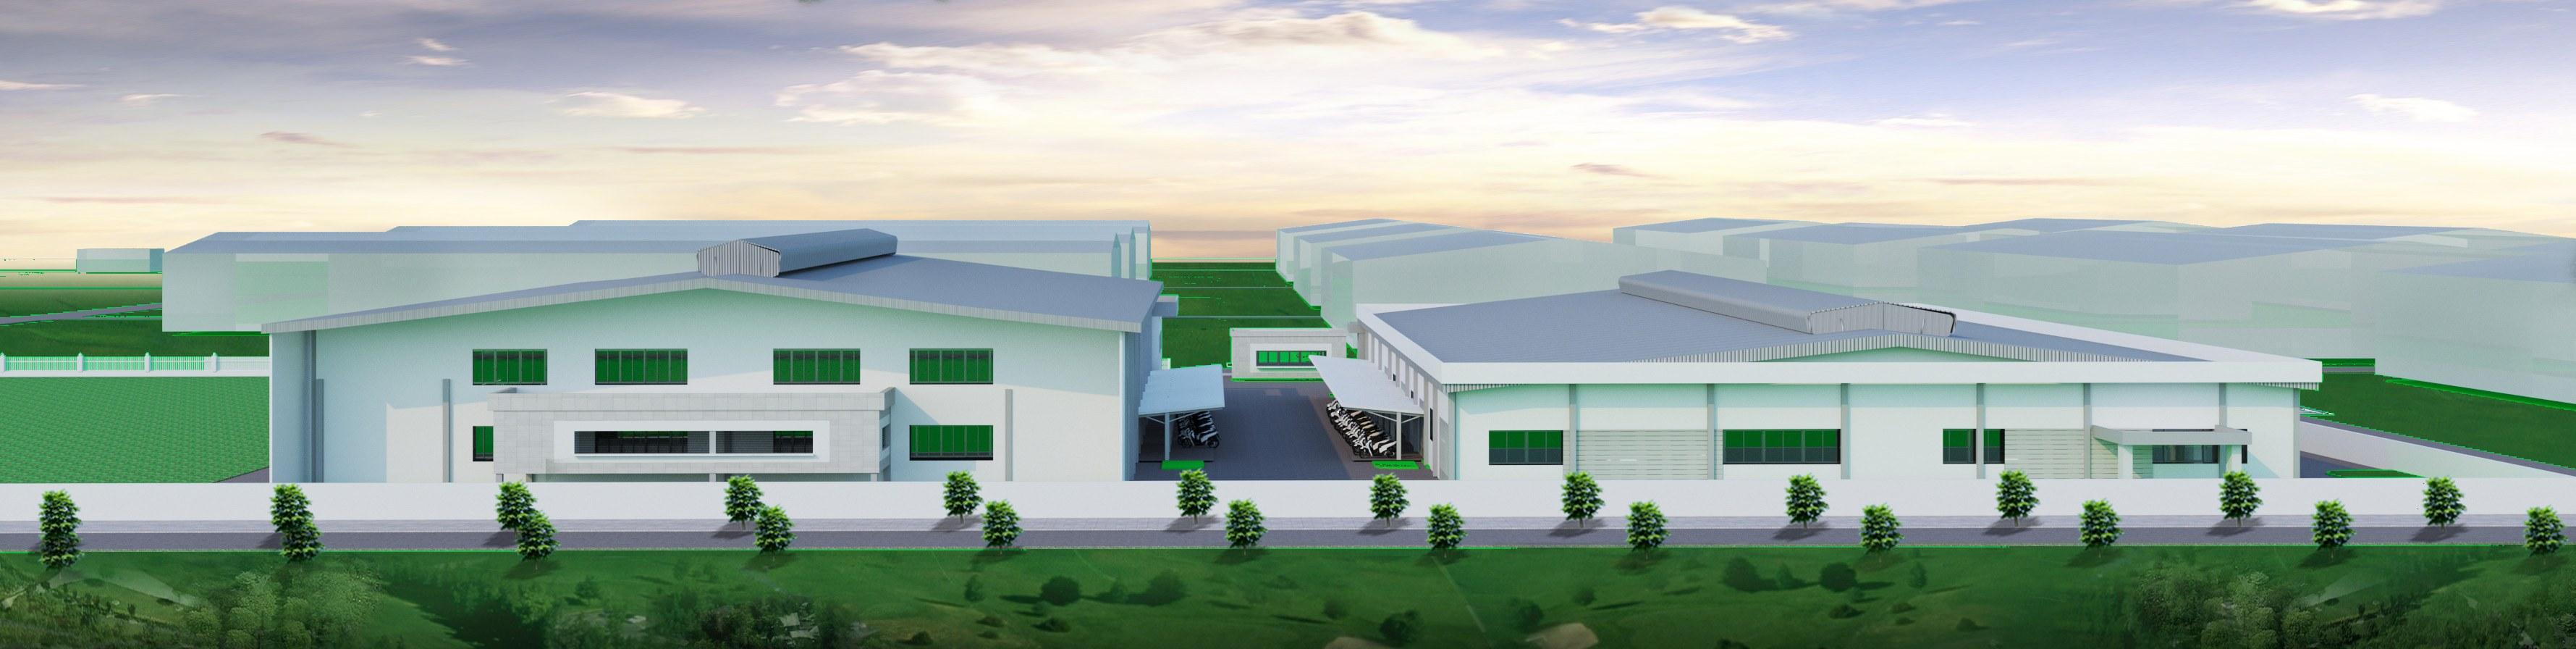 TVTK nhà máy, nhà kho mới; cải tạo nhà máy, nhà kho cũ cho nhà máy Byron Holdings Việt Nam